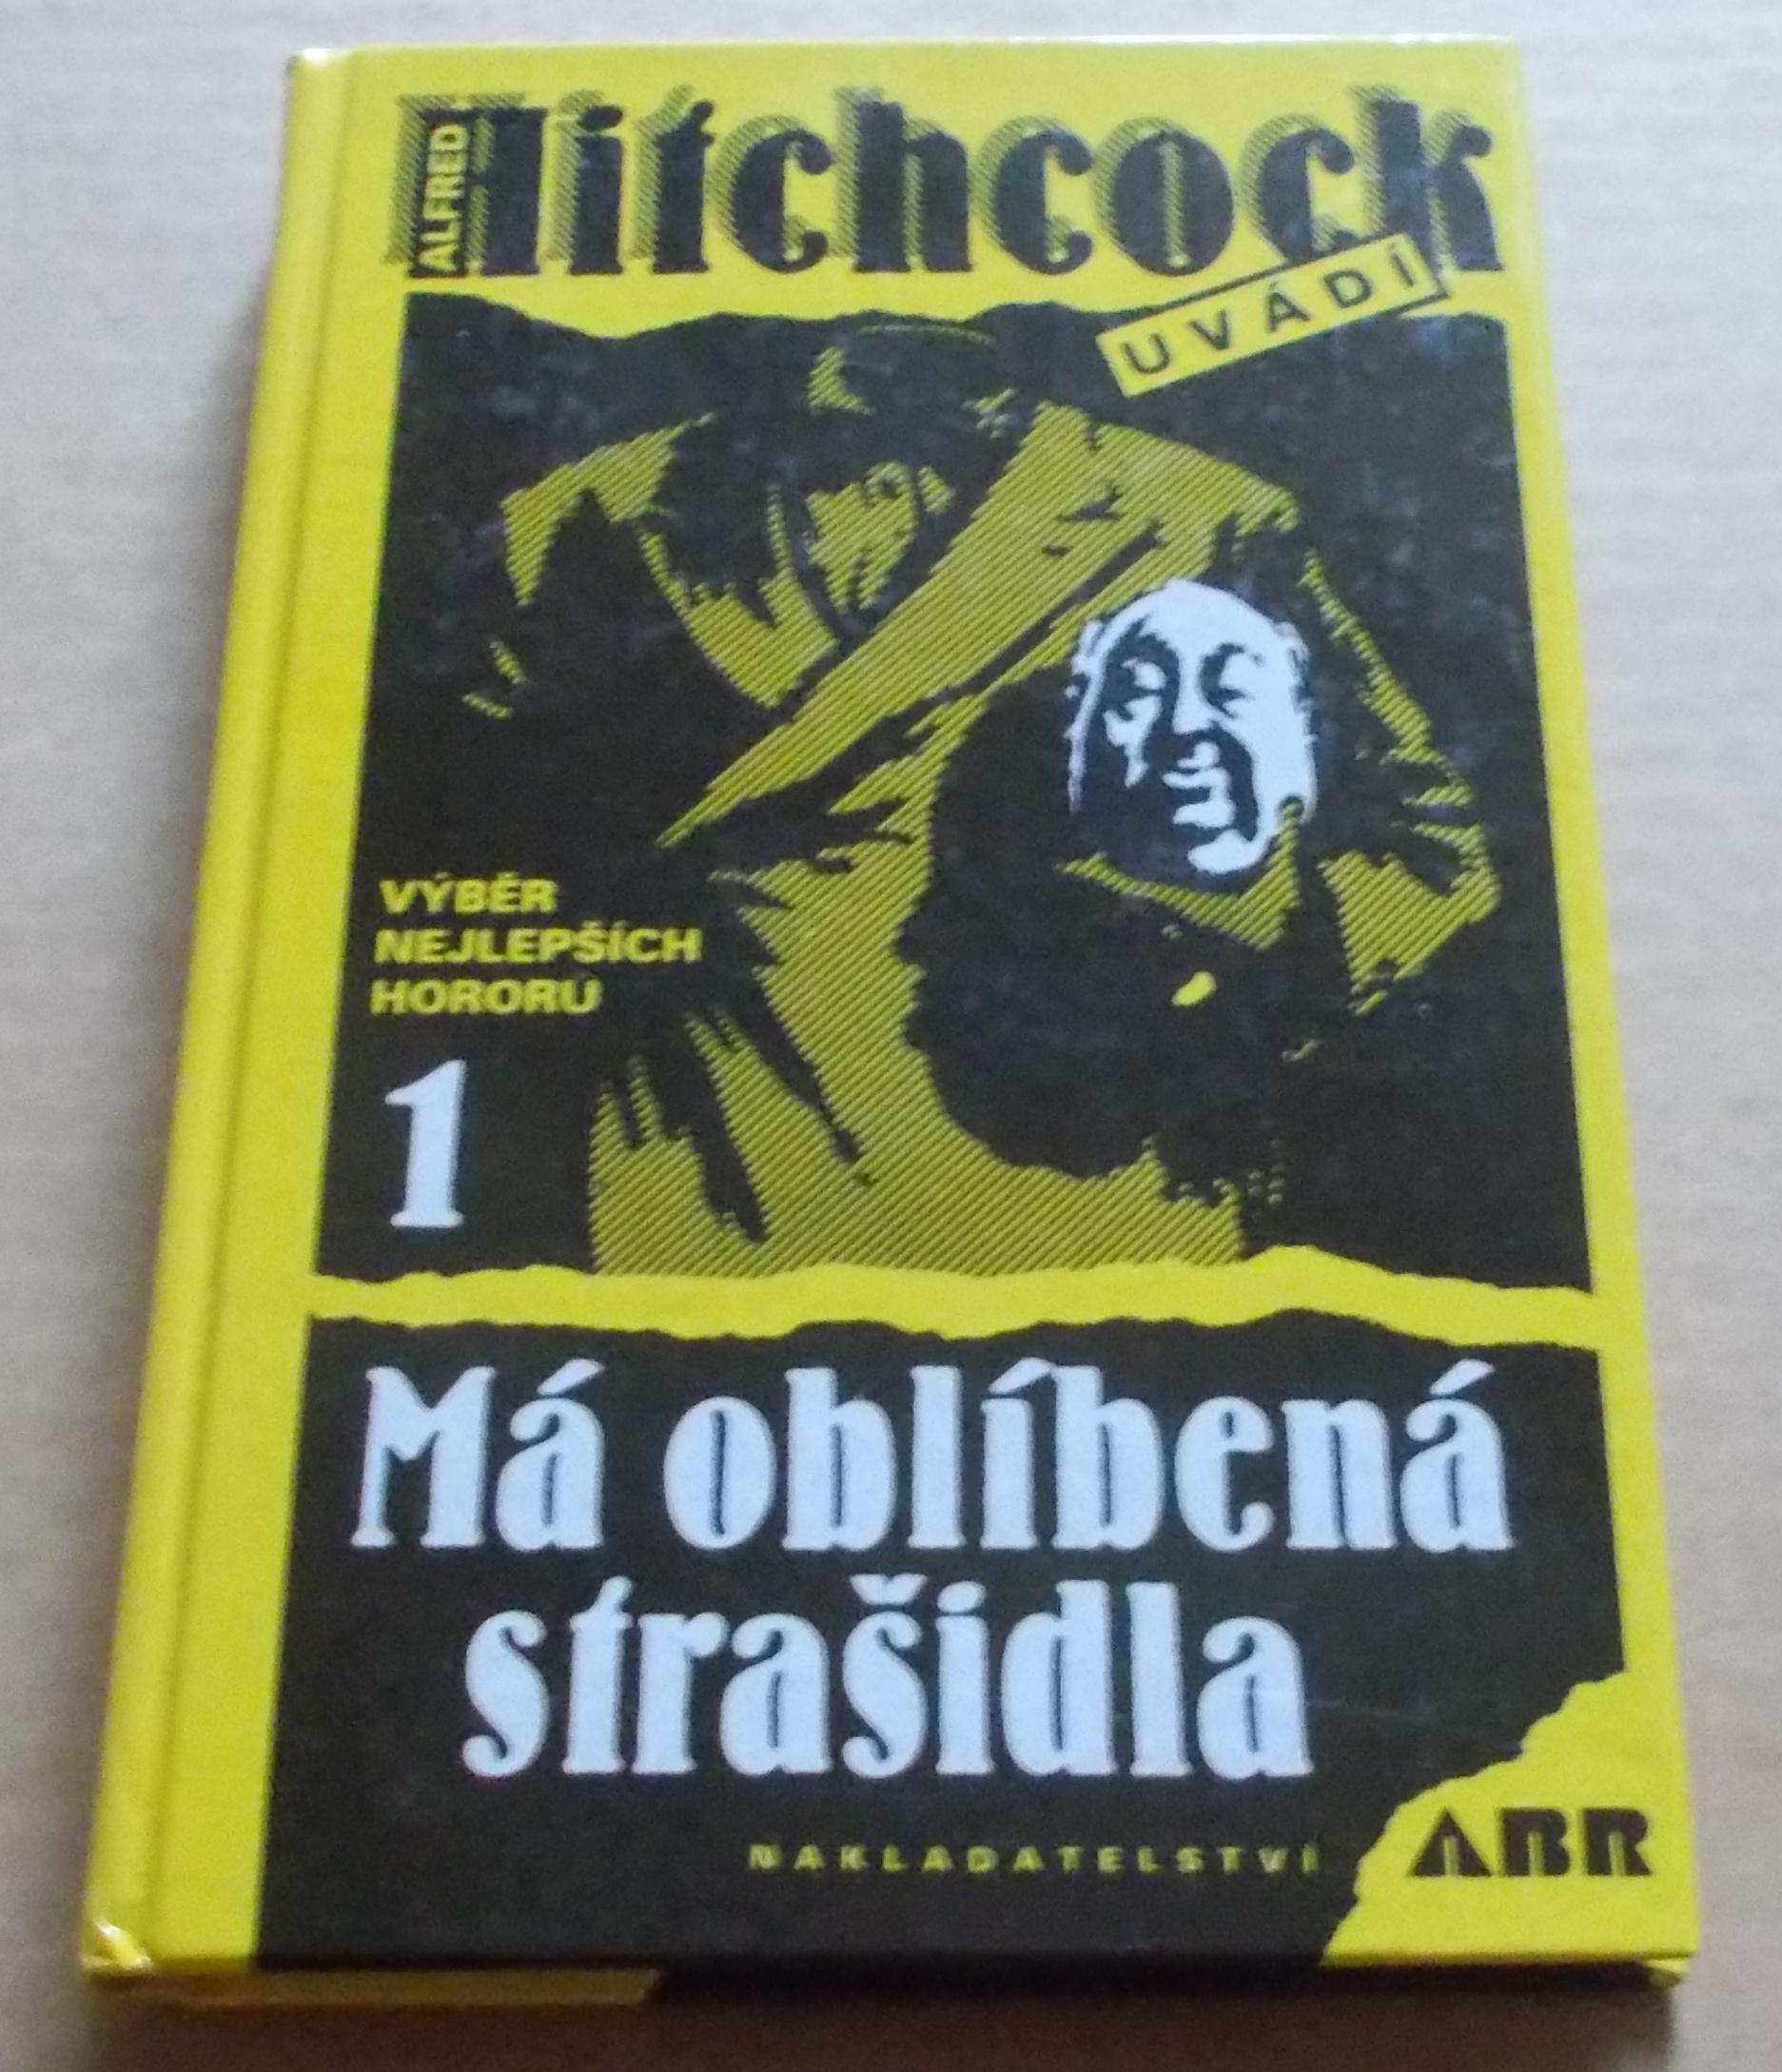 antikvariát alfred hitchcock moje oblíbená strašidla 1 grafika